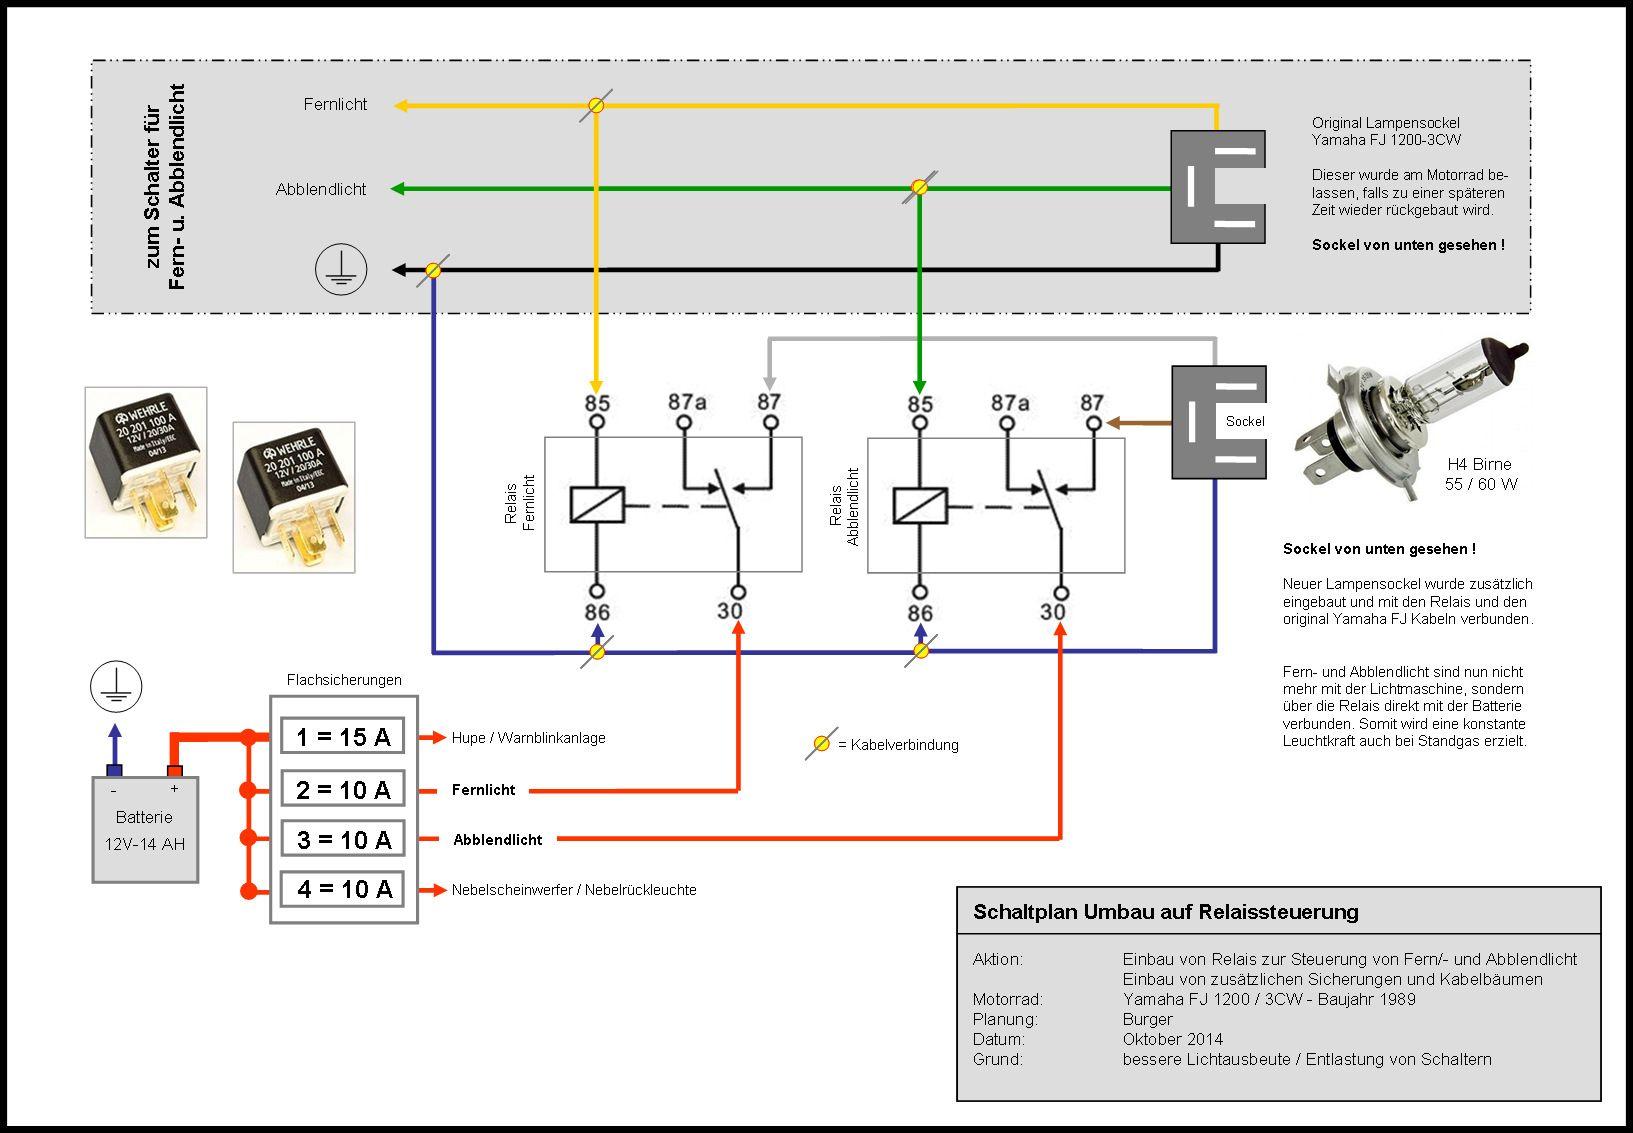 Fantastisch Doppel Batterie Schaltplan Boot Fotos - Der Schaltplan ...